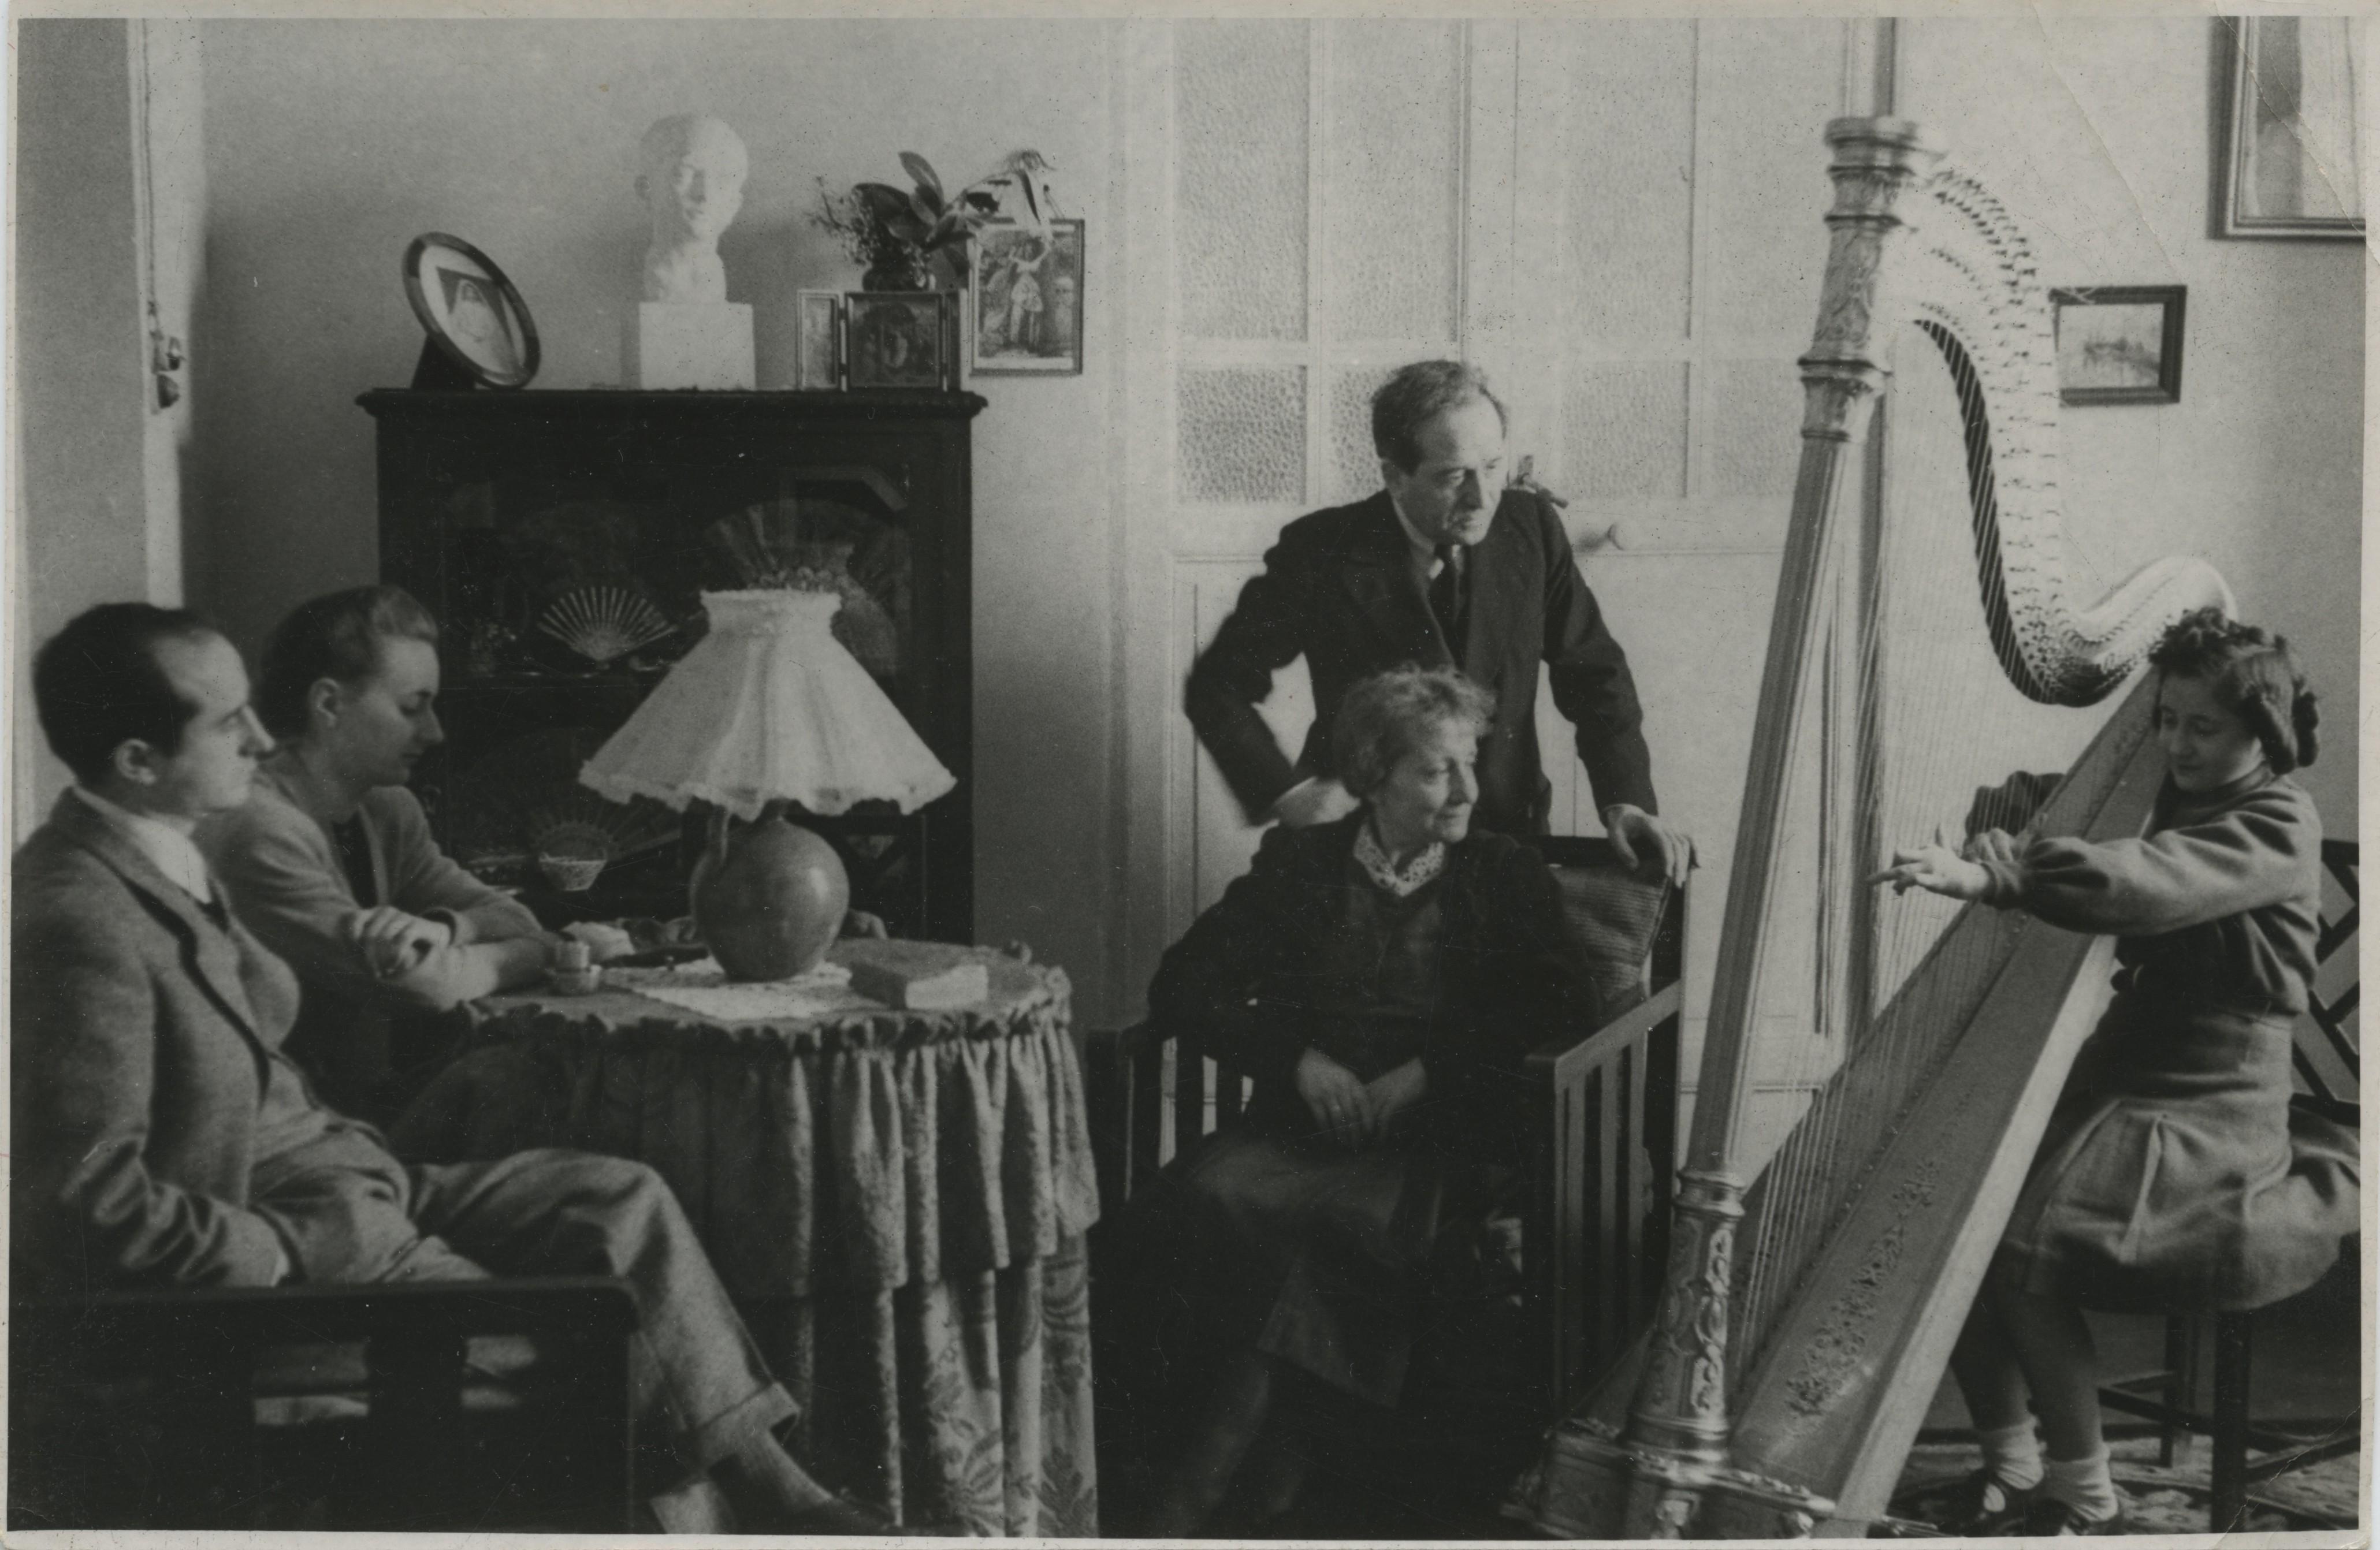 1942.2. JHC con su mujer, Ana, sus padres Jacinto y Lola y su hermana Mari Lola tocando el arpa, en el salón de la Plaza de Oriente, 6, Madrid, 1942